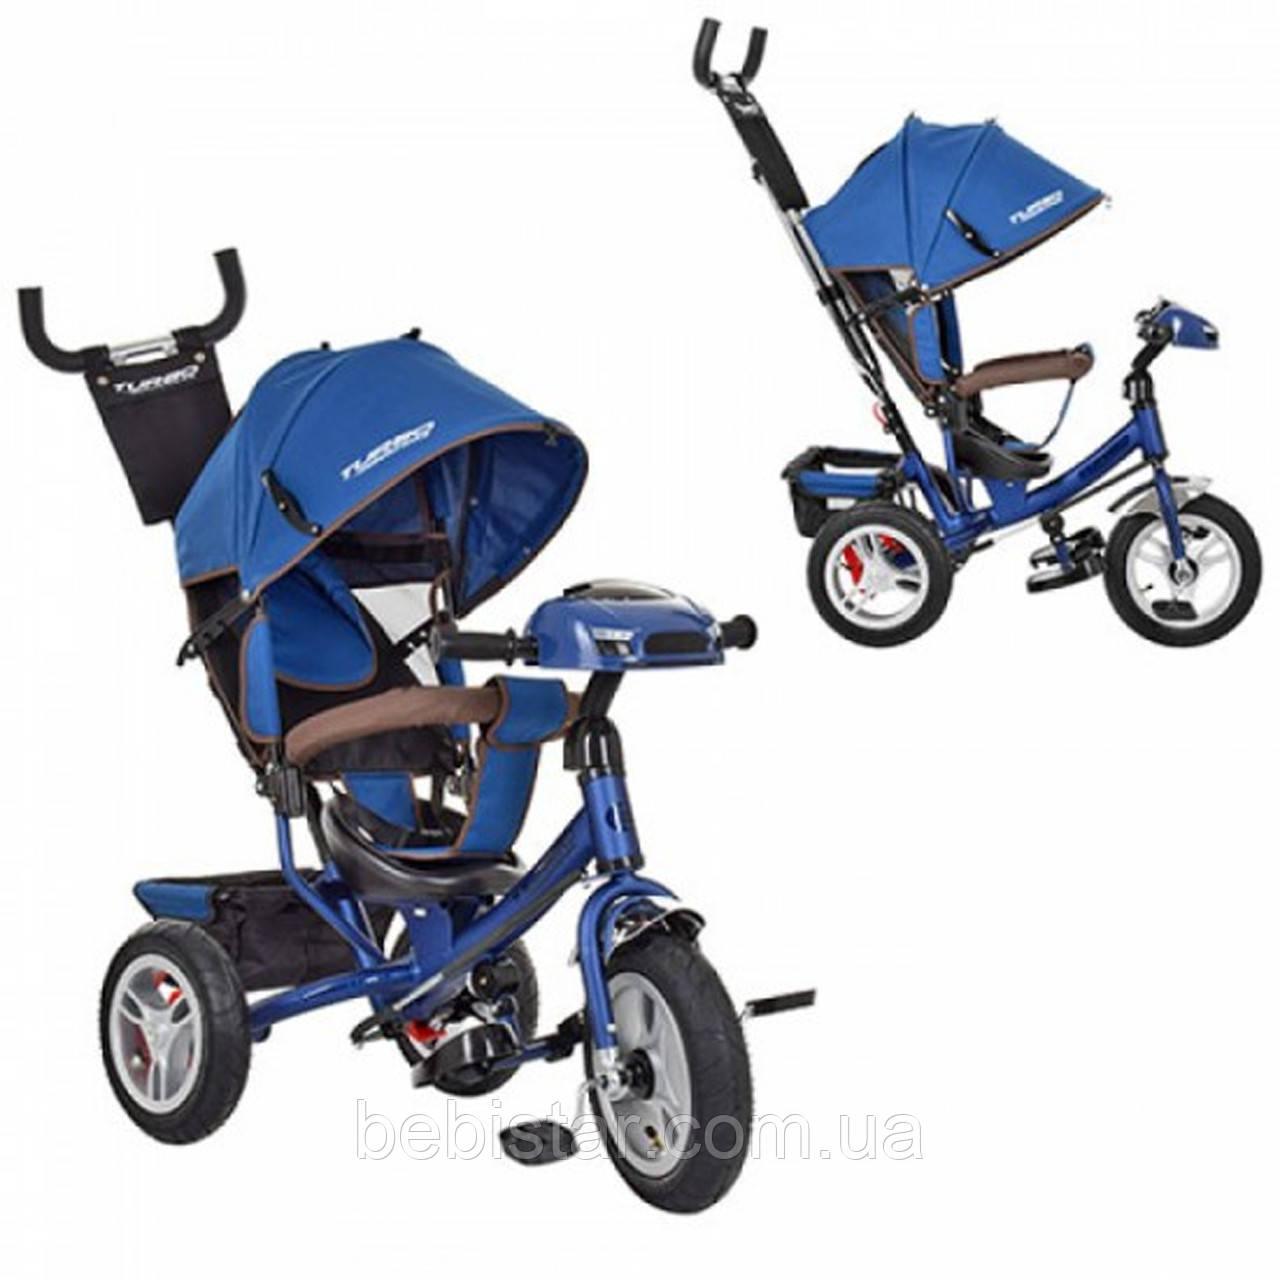 """Детский трехколесный велосипед """"Turbo Trike"""" с музыкальной панелью и фарой, цвет: джинс синий матовый"""